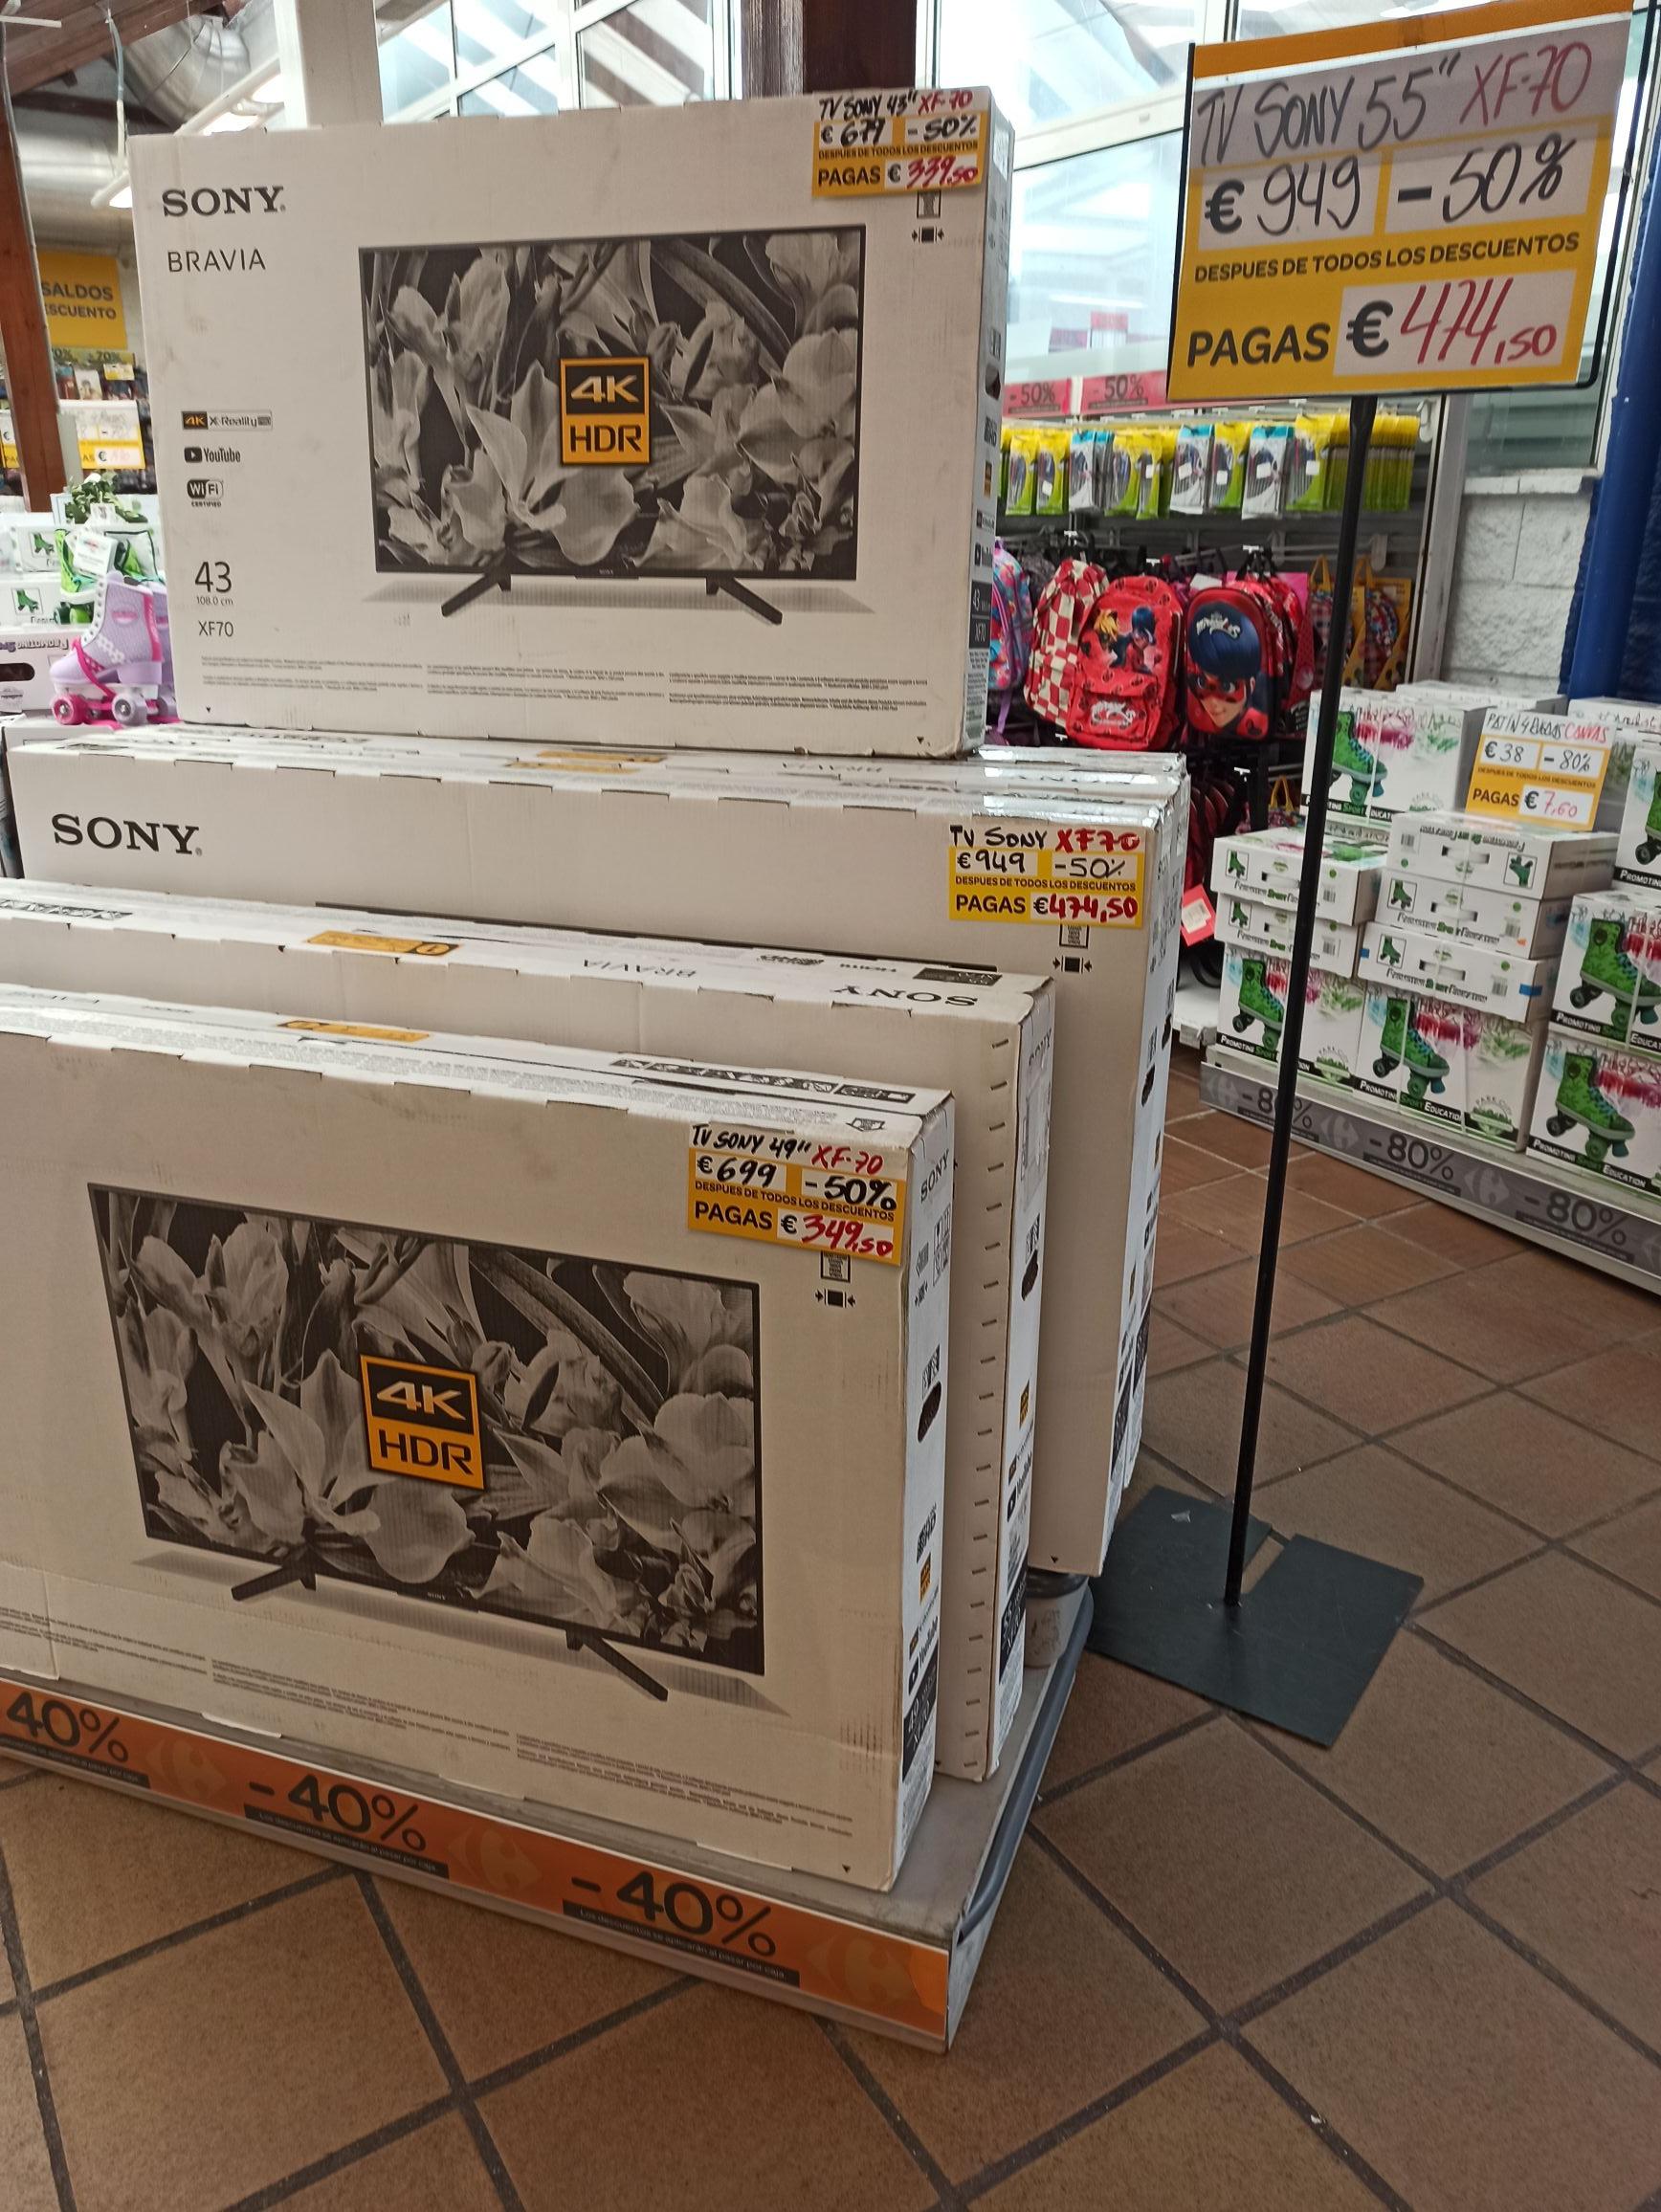 TV Sony xf-70 (ver descripción)